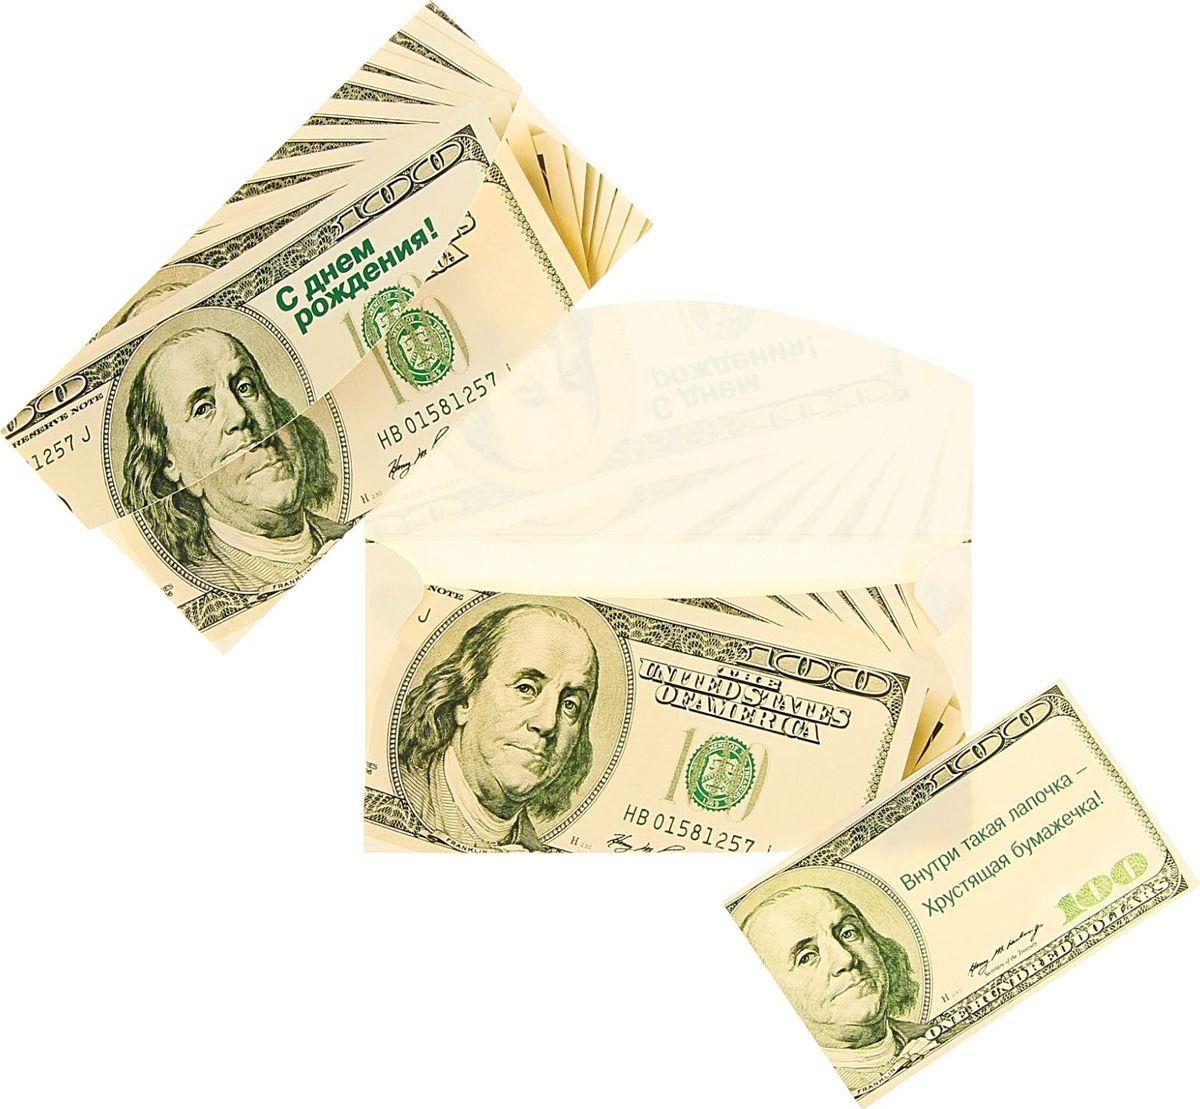 Конверт для денег Русский дизайн В День Рождения! Доллары, 16,5 х 8,5 см1536074Невозможно представить нашу жизнь без праздников! Мы всегда ждём их и предвкушаем, обдумываем, как проведём памятный день, тщательно выбираем подарки и аксессуары, ведь именно они создают и поддерживают торжественный настрой. Этот конверт для денег - отличный выбор, который привнесёт атмосферу праздника в ваш дом!